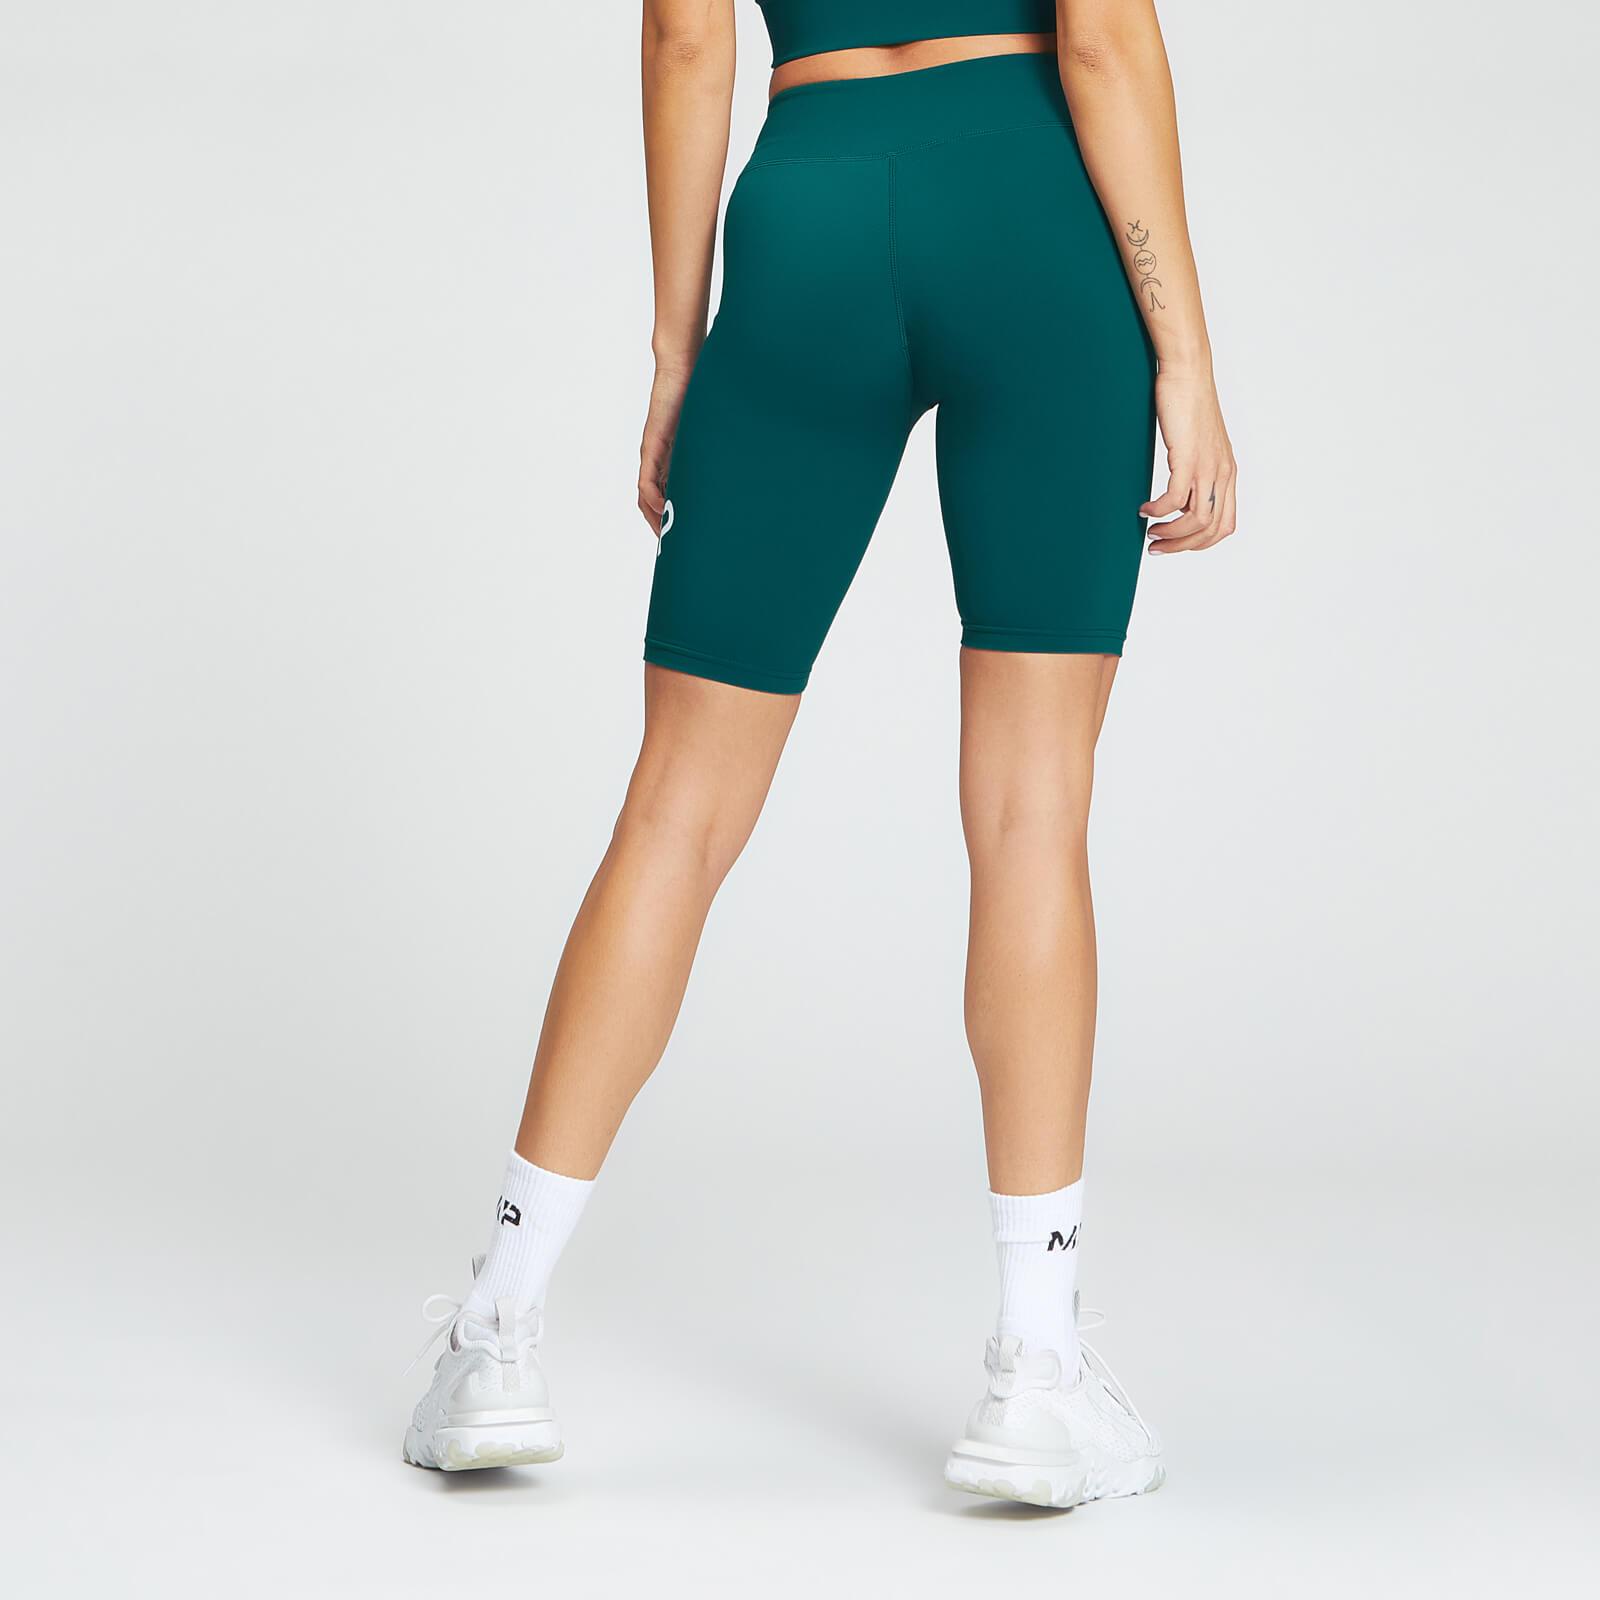 mp essentials training women's full length cycling short - deep teal - xxs